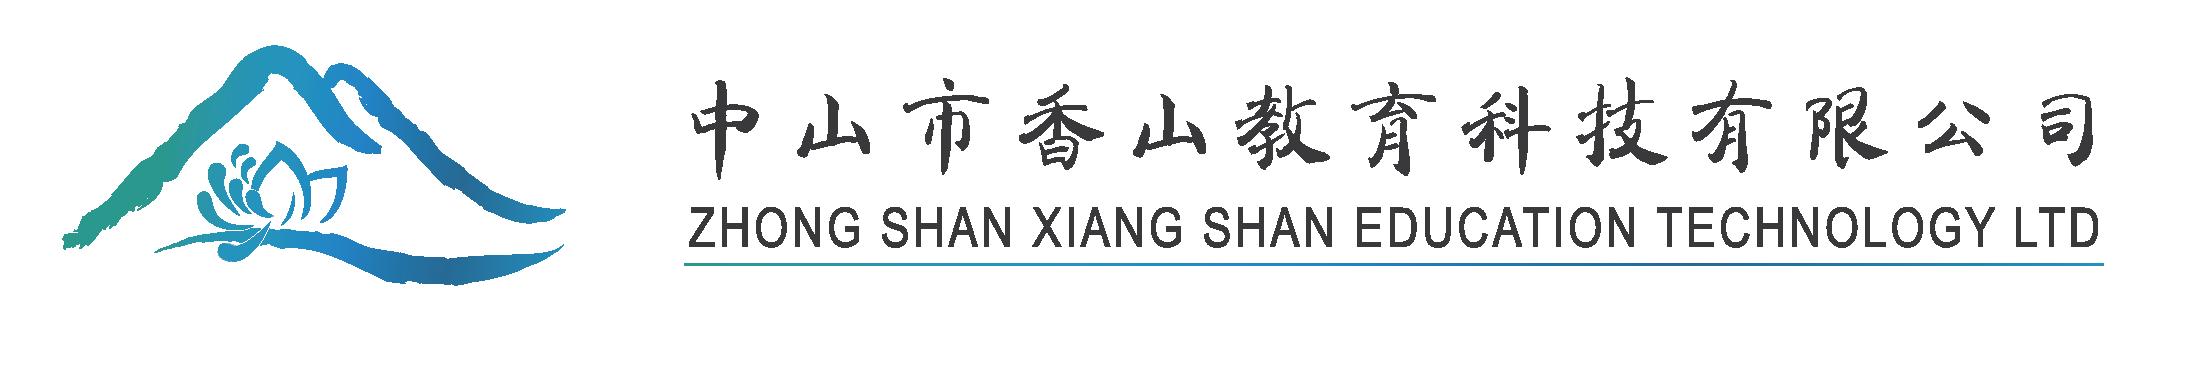 中山市香山教育科技有限公司